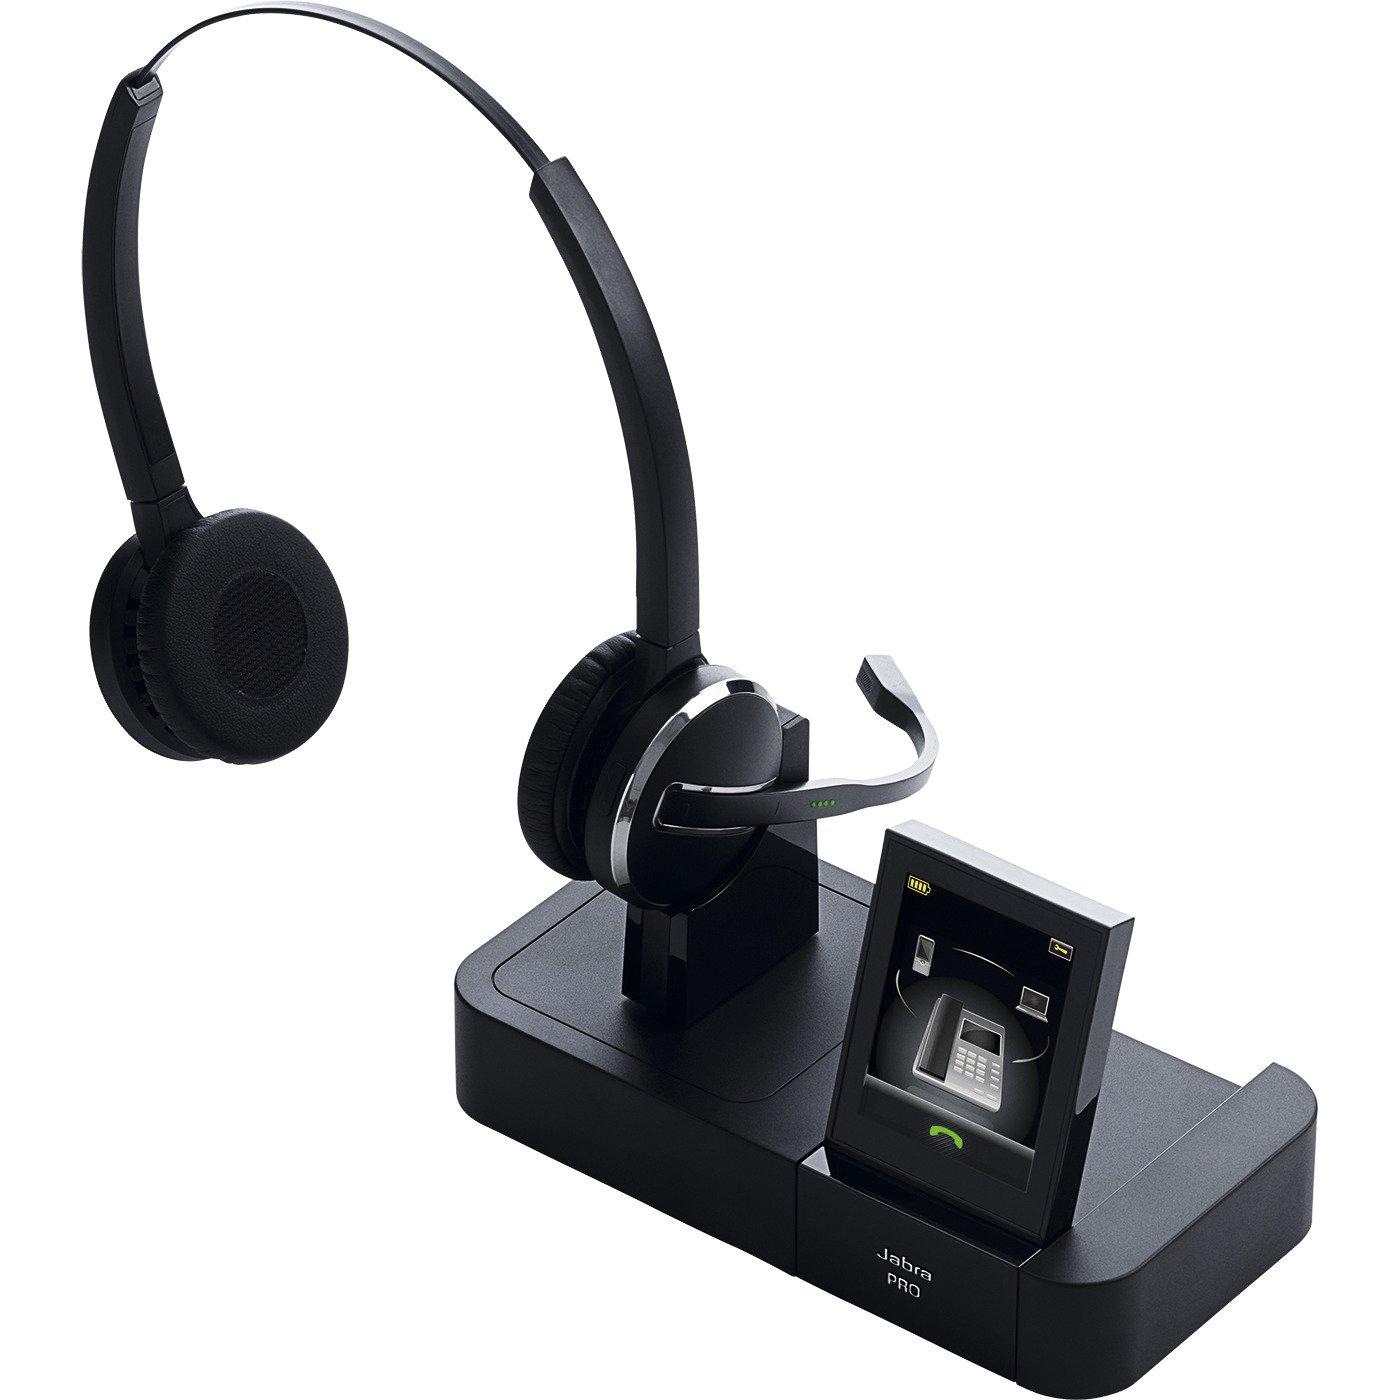 05db2c5c836 Amazon.com: Jabra PRO 9470 Mono - Professional Wireless Unified  Communicaton Headset: Electronics